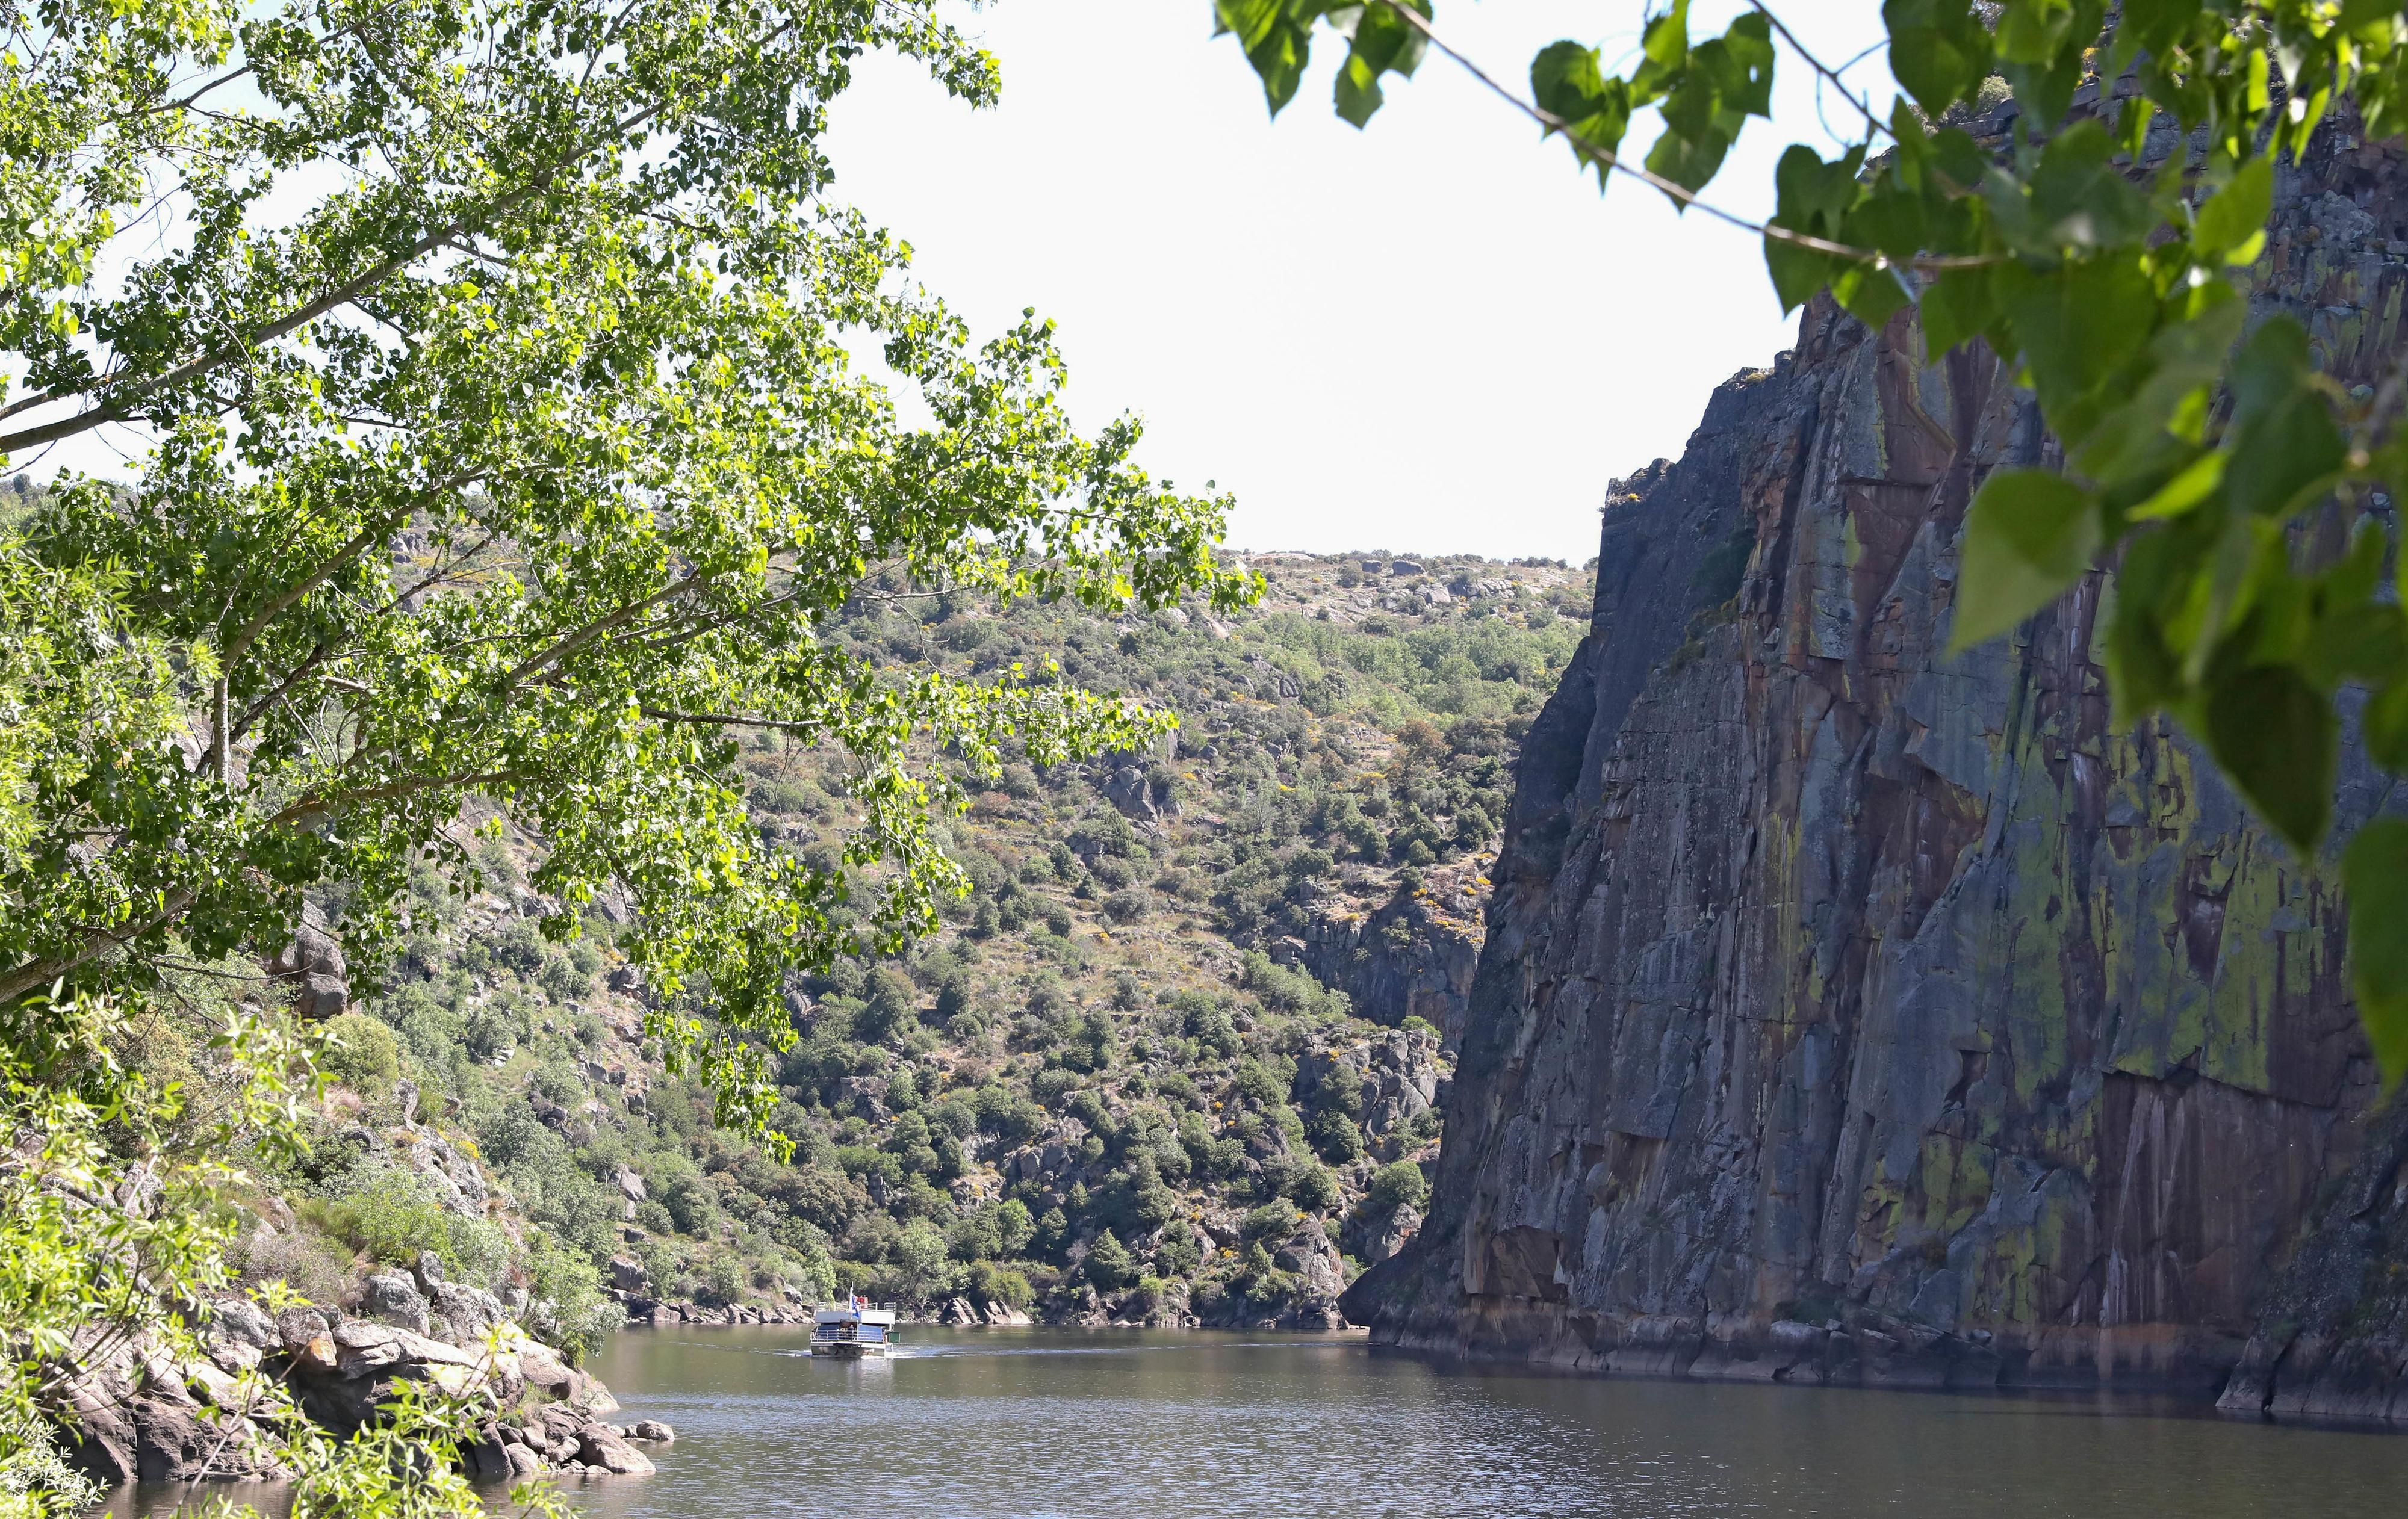 Prospeção mineira, despovoamento e alterações climáticas são ameaças ao Douro